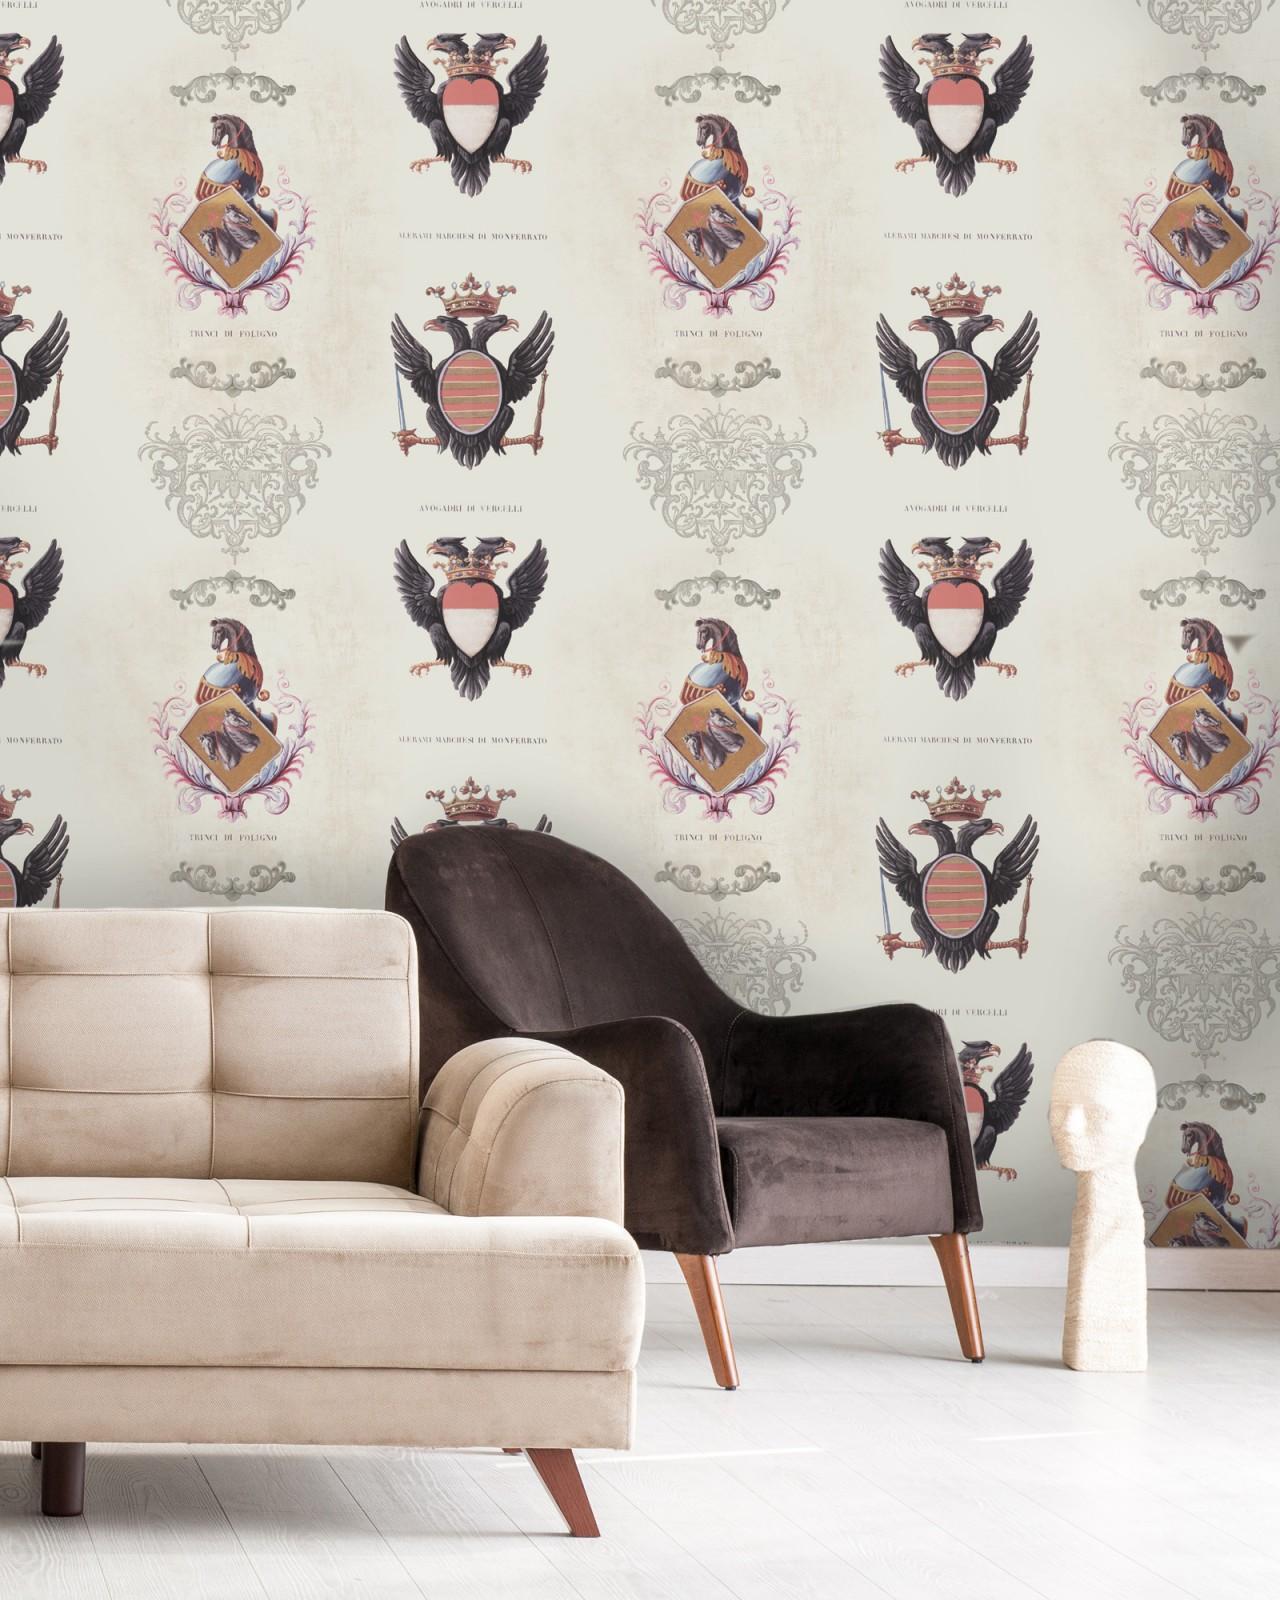 COAT OF ARMS Premium Wallpaper